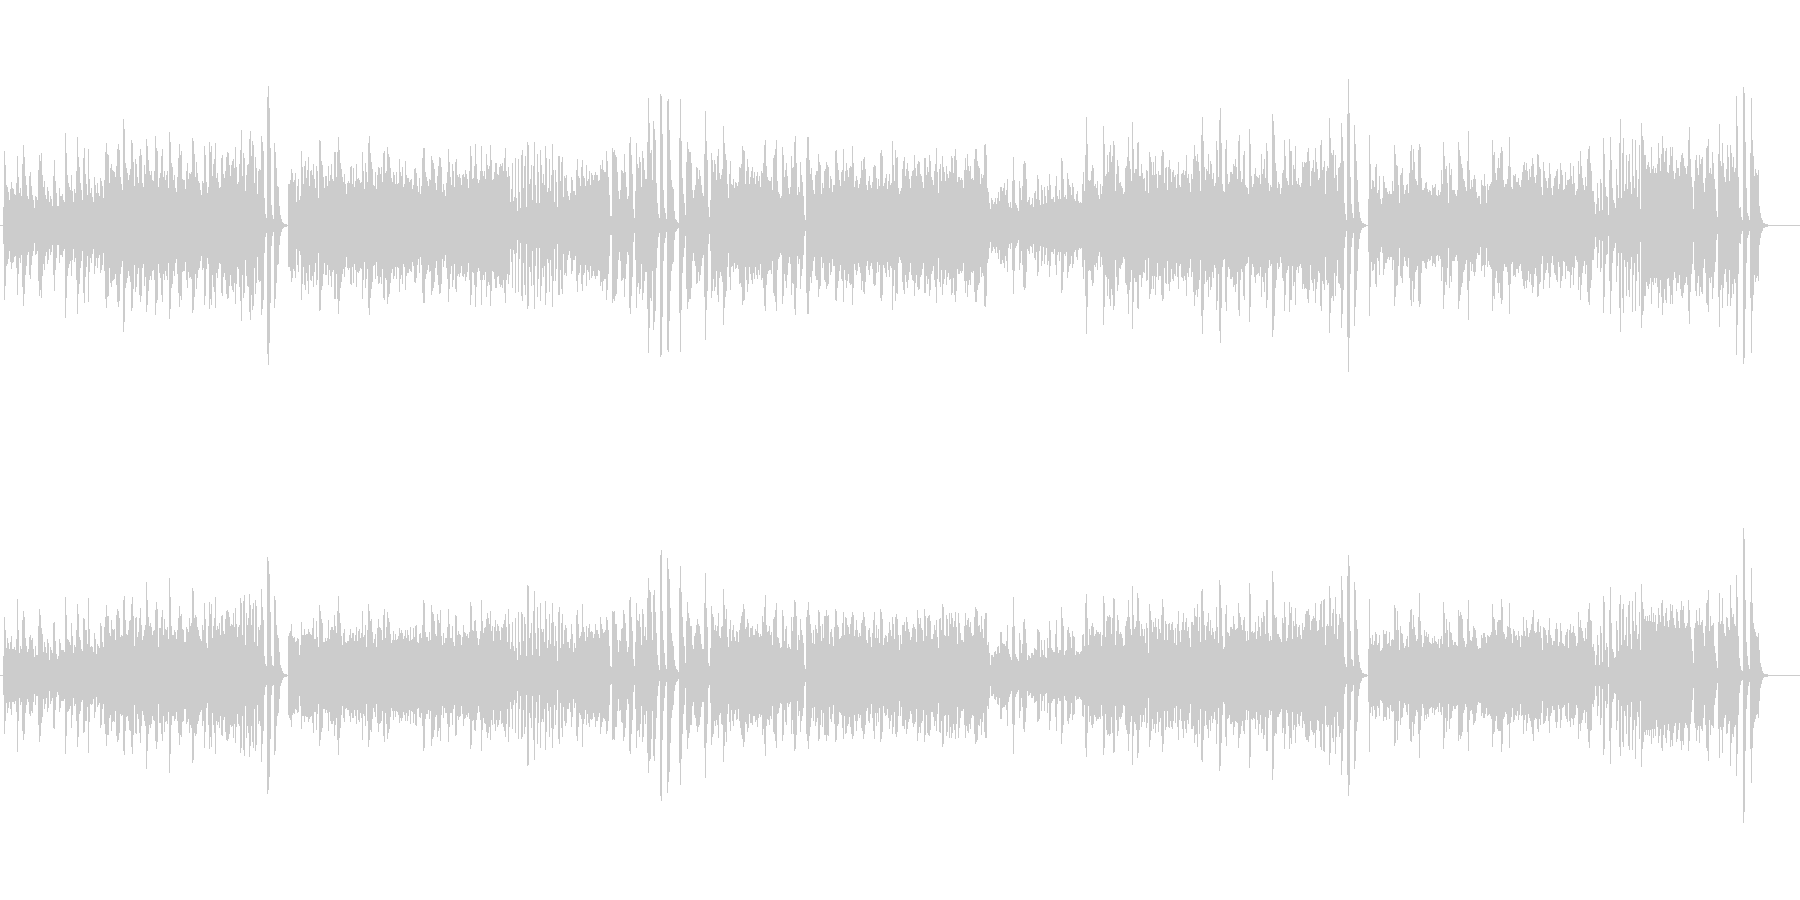 モーツァルトのピアノソナタをピアノ演奏での未再生の波形